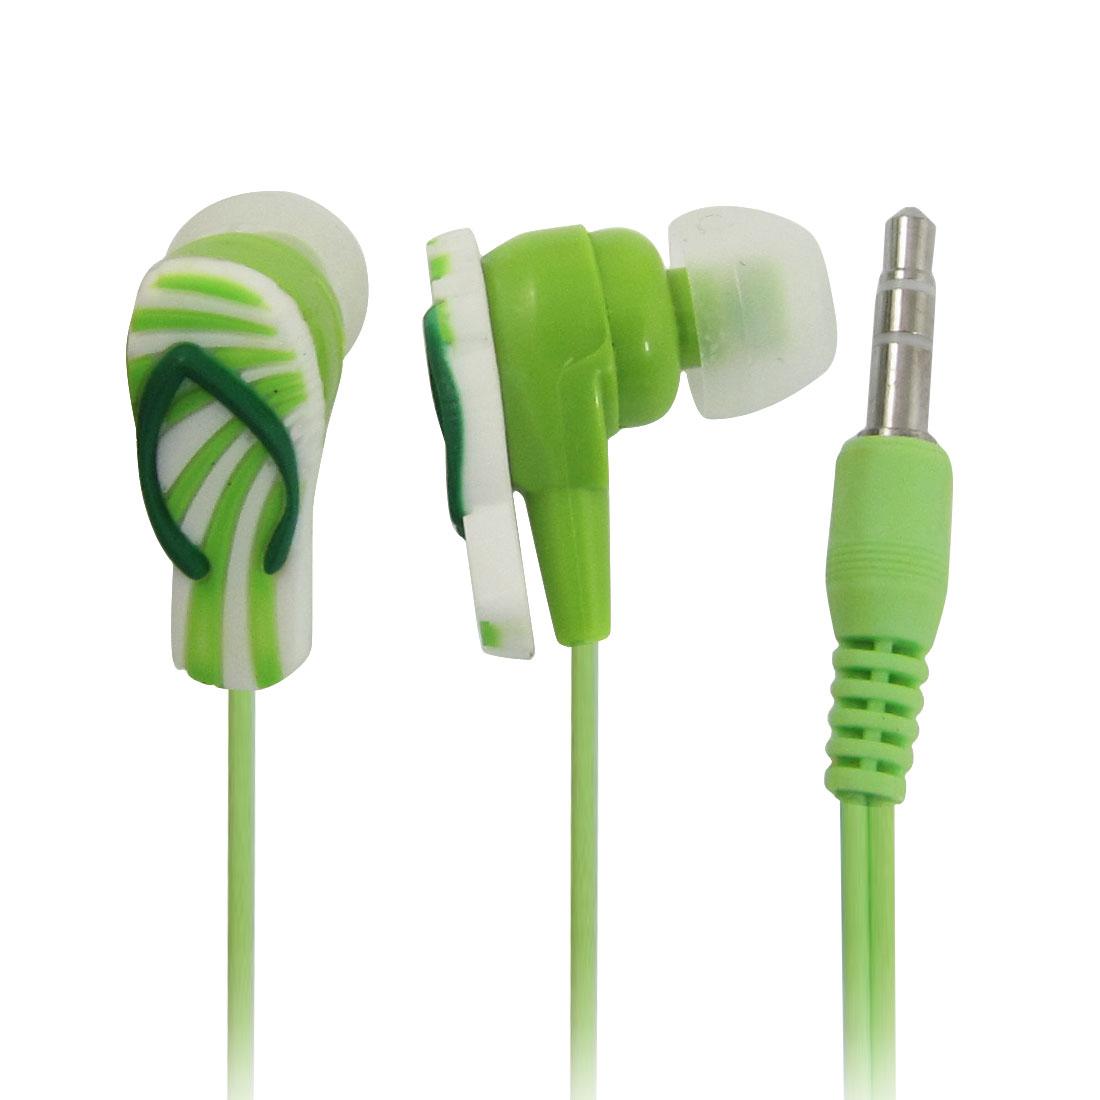 3.5mm Jack Summer Slippers Design in Ear Earbud Earphone Green + Ear Pads